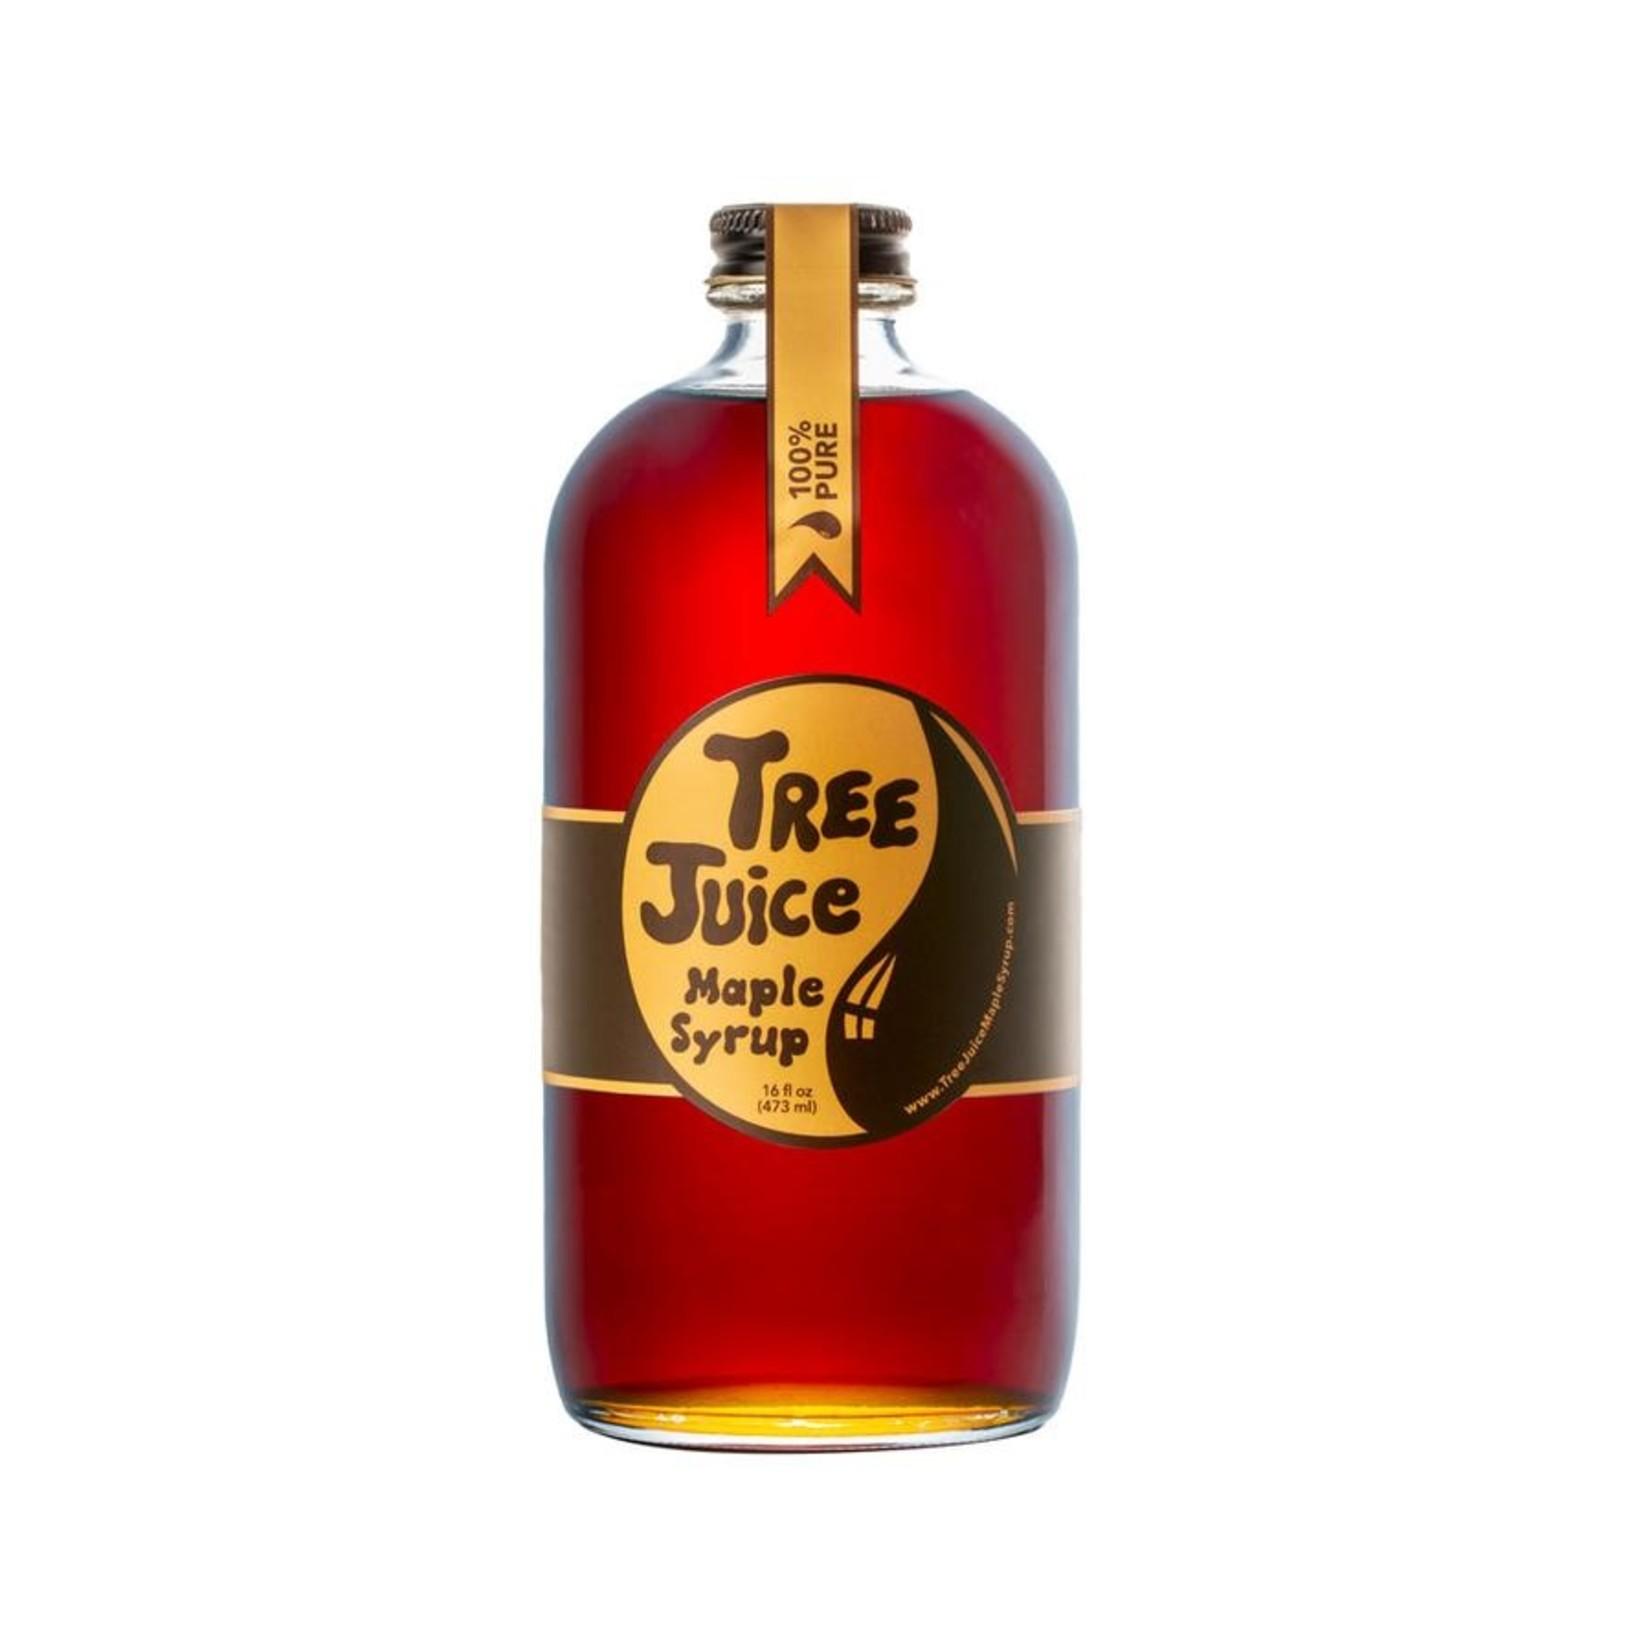 Tree Juice Maple Syrup 100% Pure Tree Juice Maple Syrup